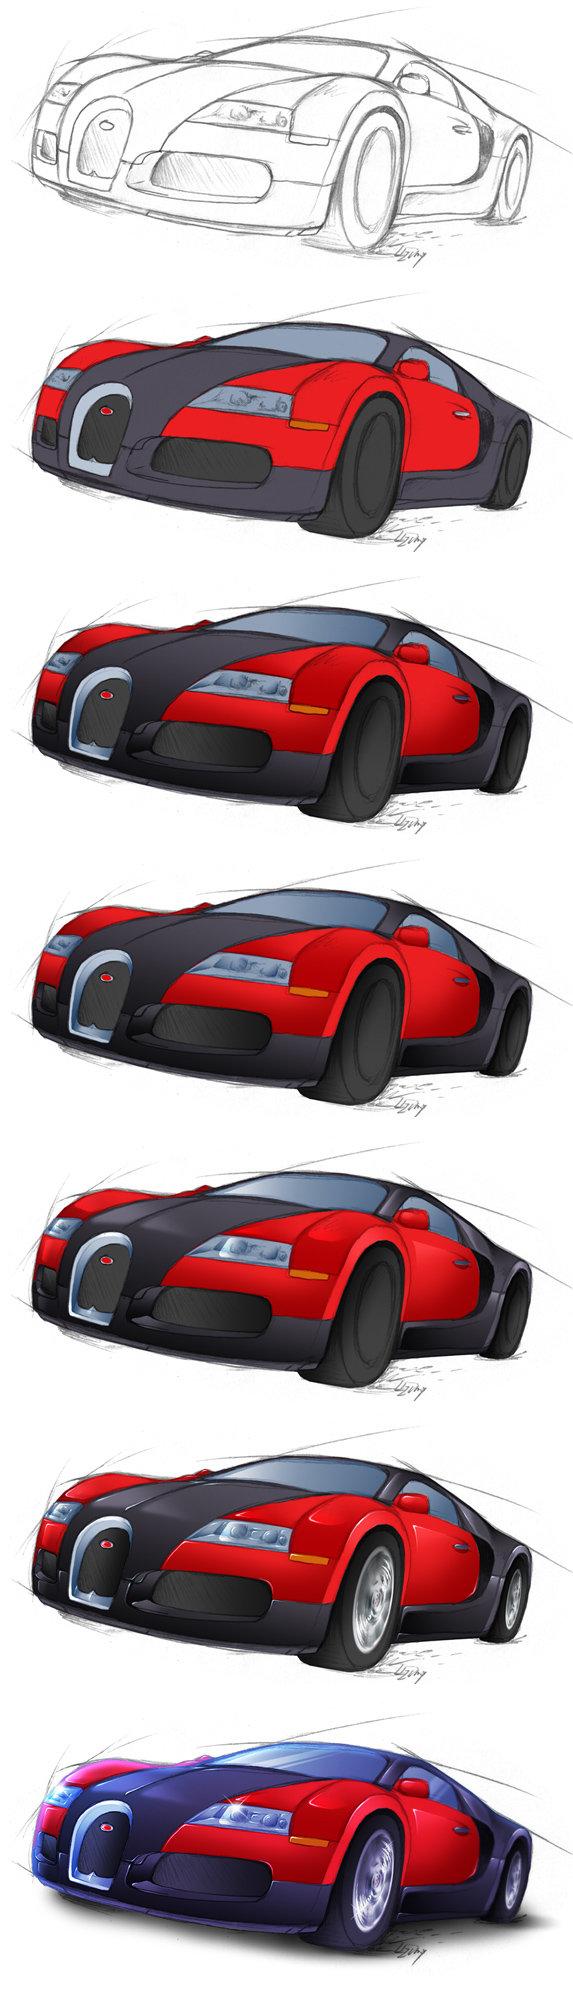 573x2000 Bugatti Drawing Step By Step Car Image Idea